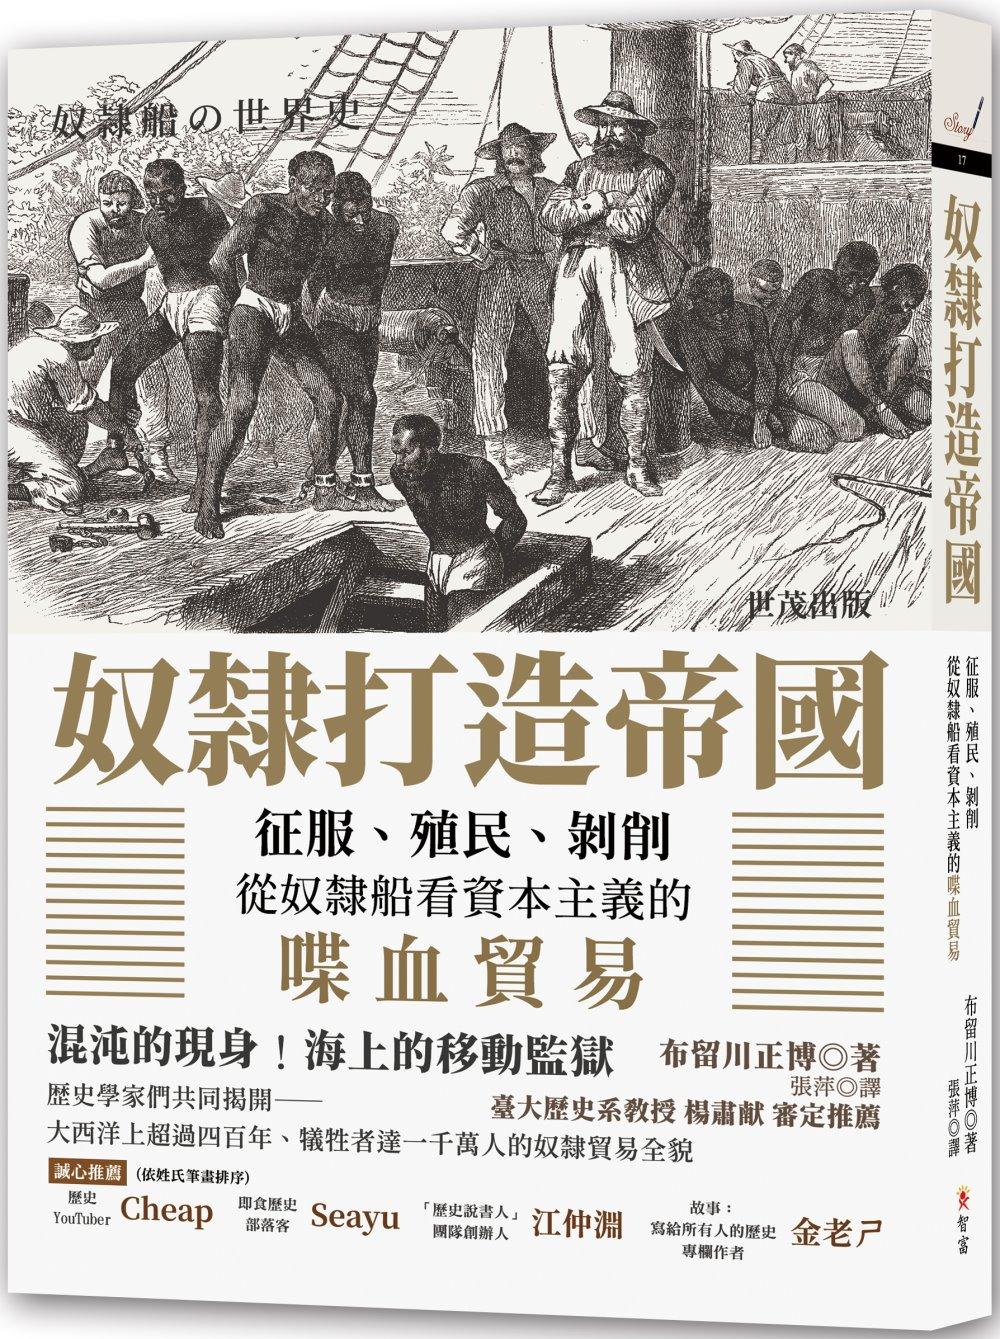 奴隸打造帝國:征服、殖民、剝削...